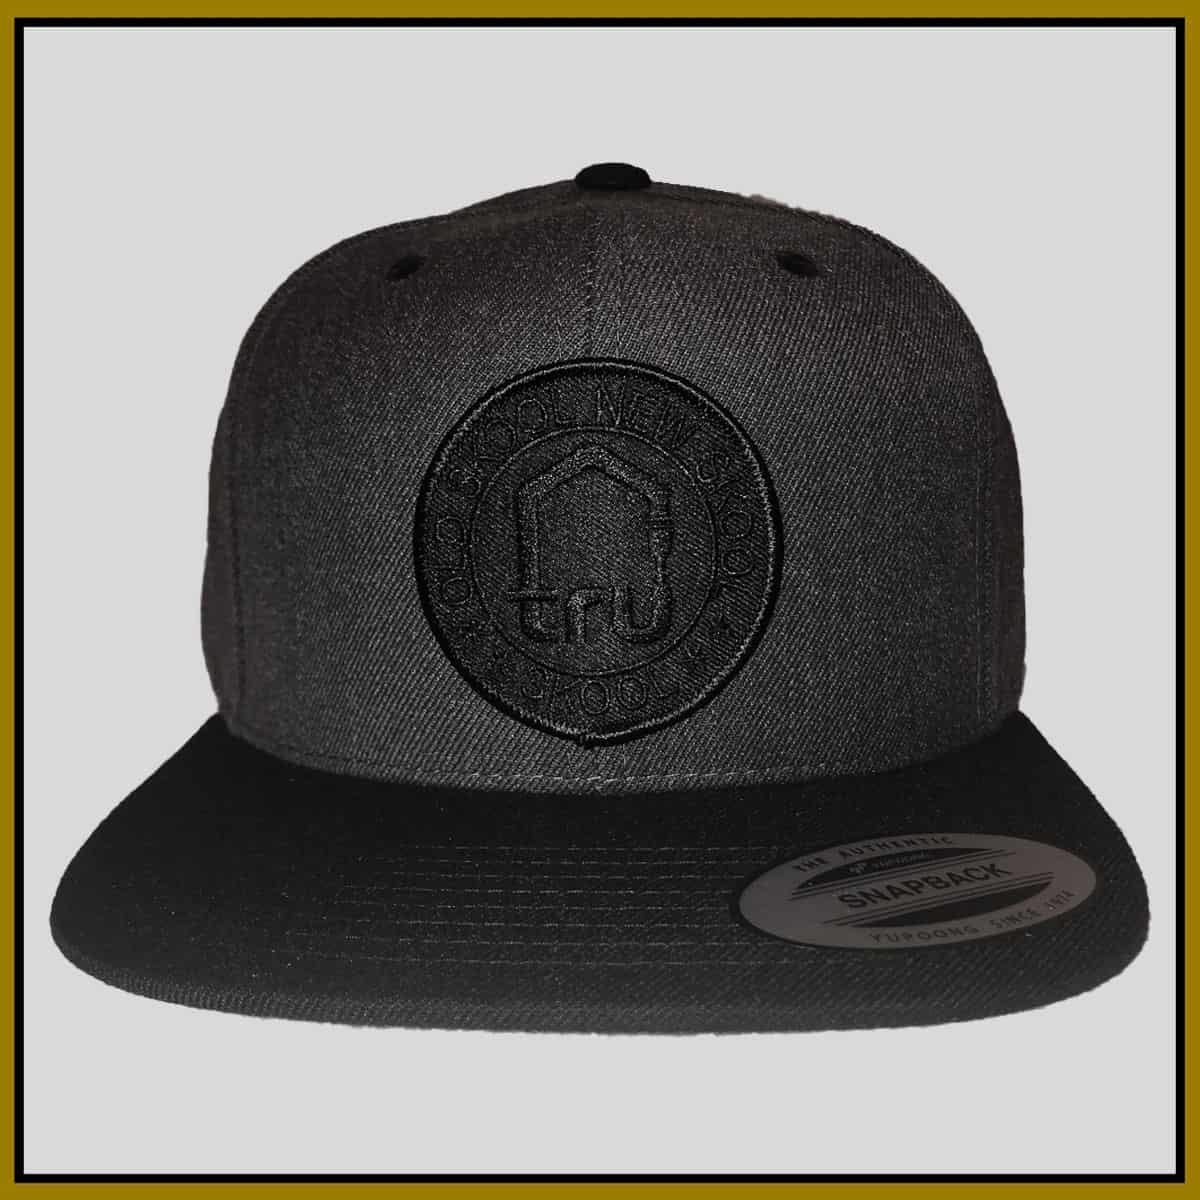 a416e05a TRU Skool Black-Dark Grey Snapback – Tru Musica